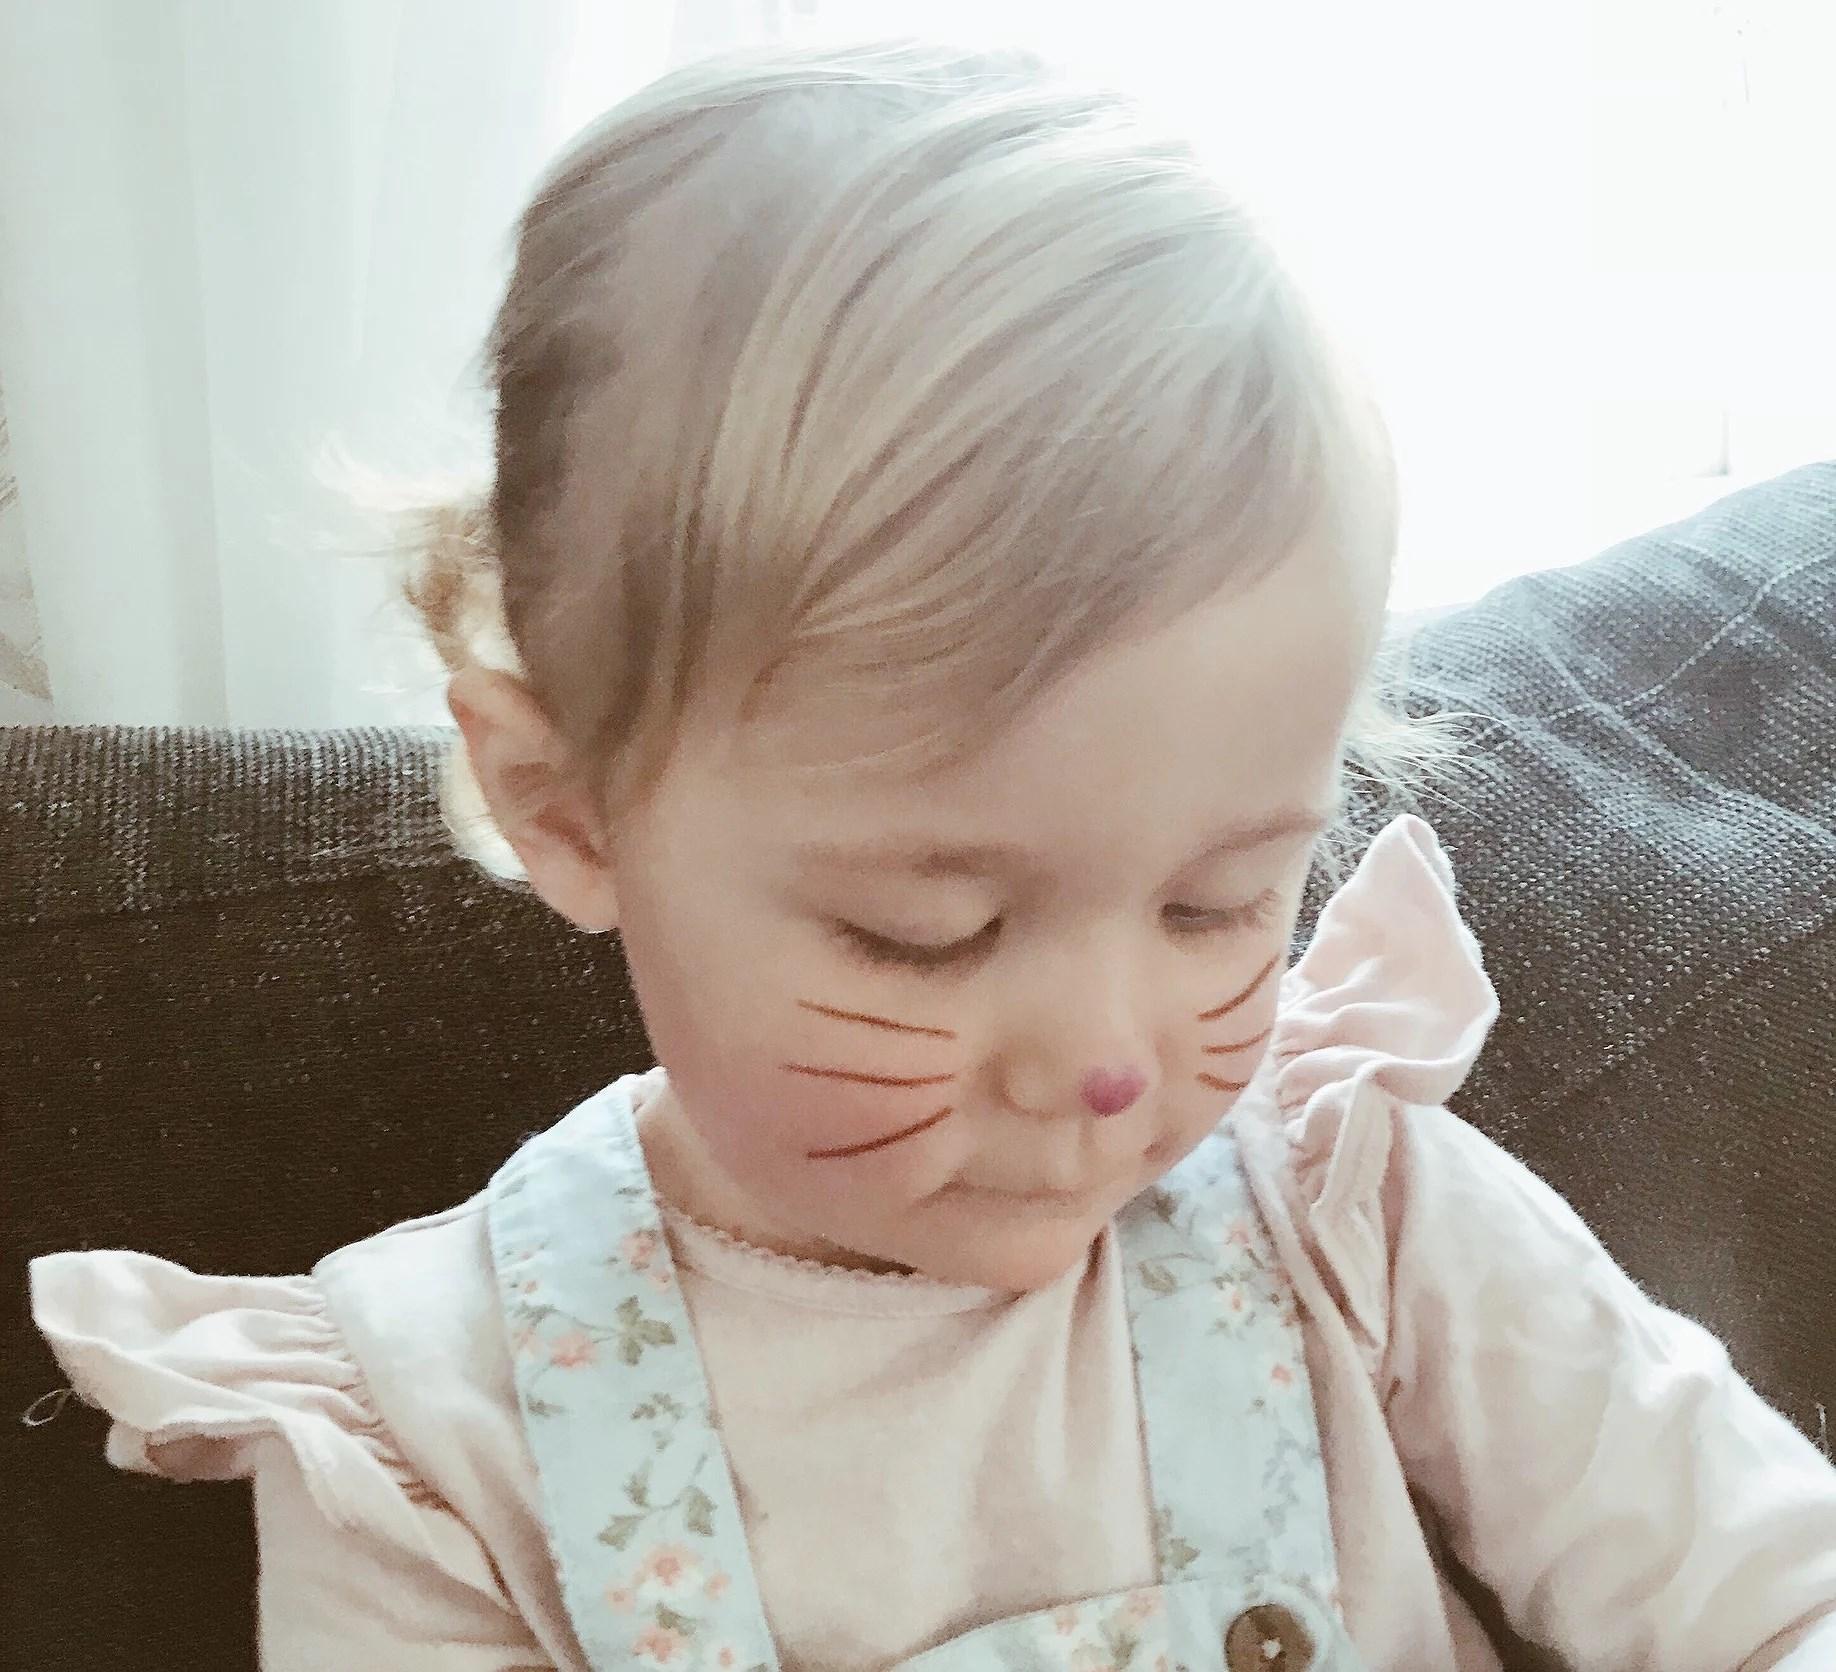 En liten påskhare